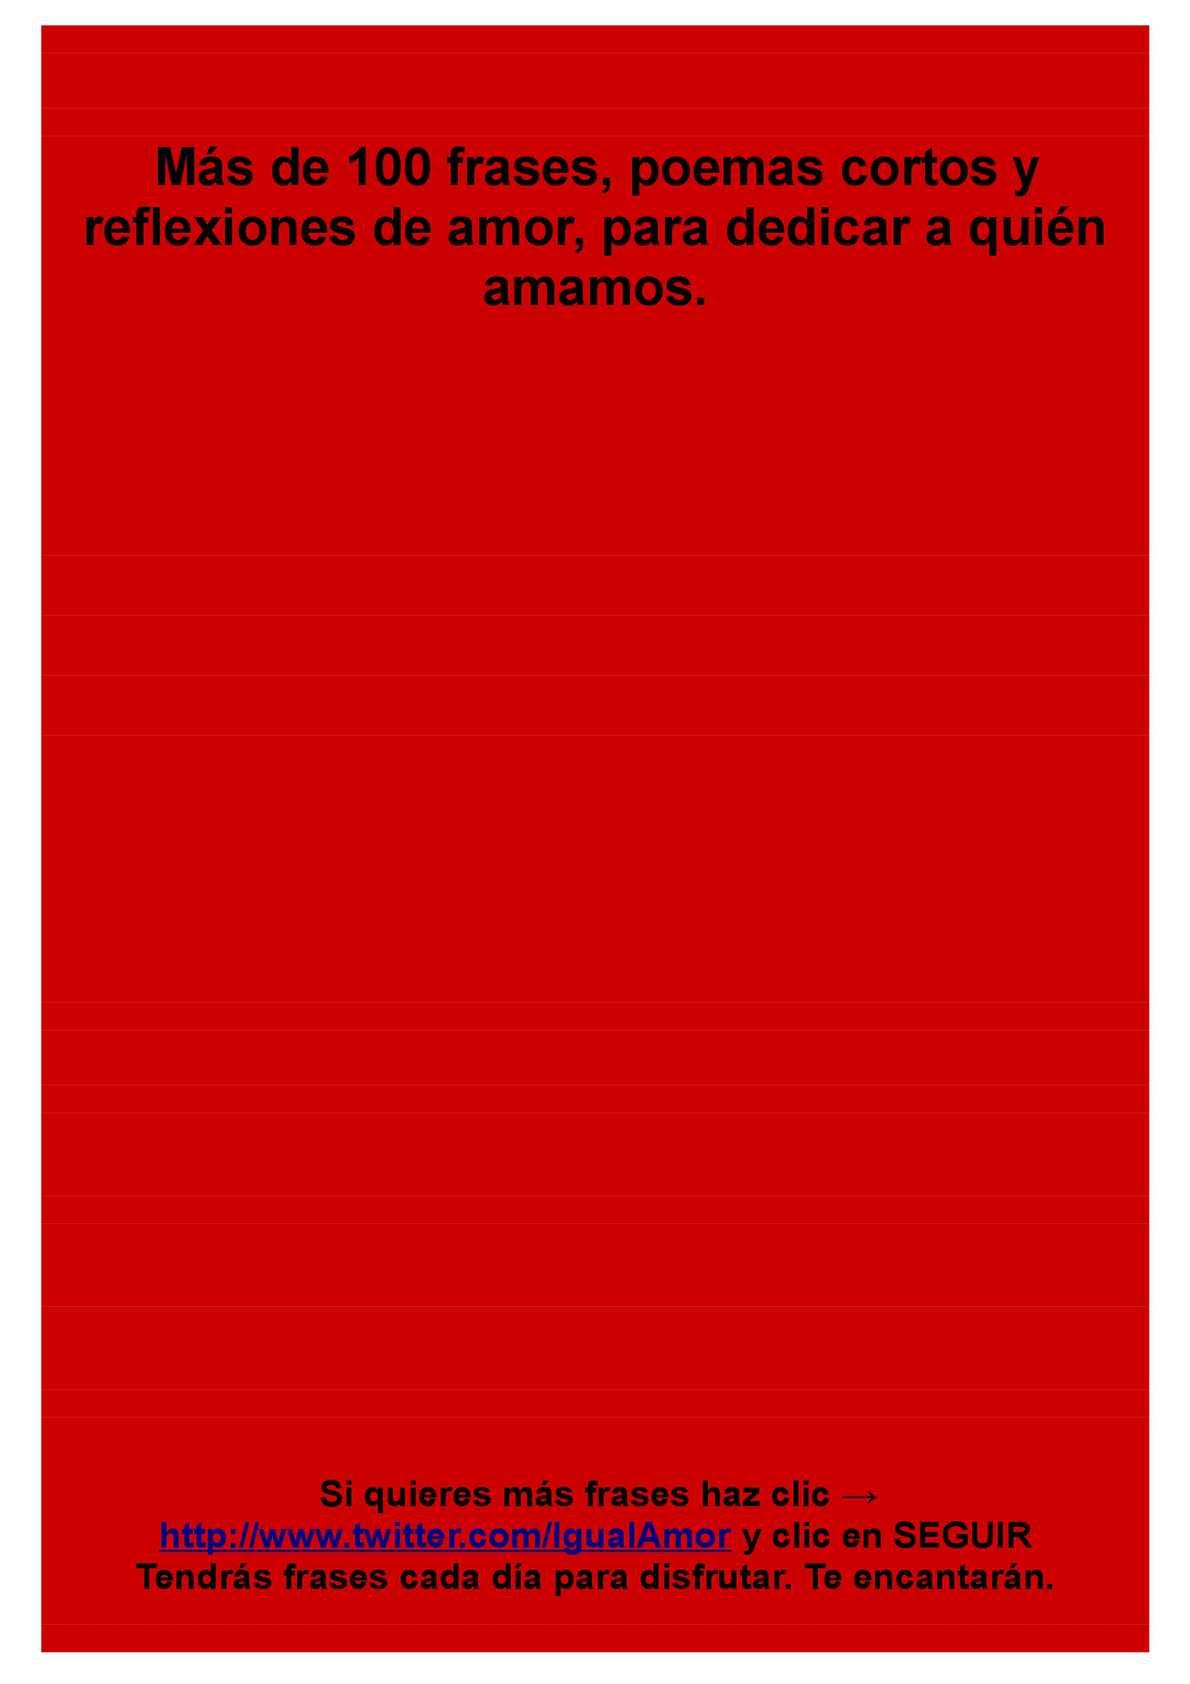 Calameo Frases Y Poemas Cortos De Amor